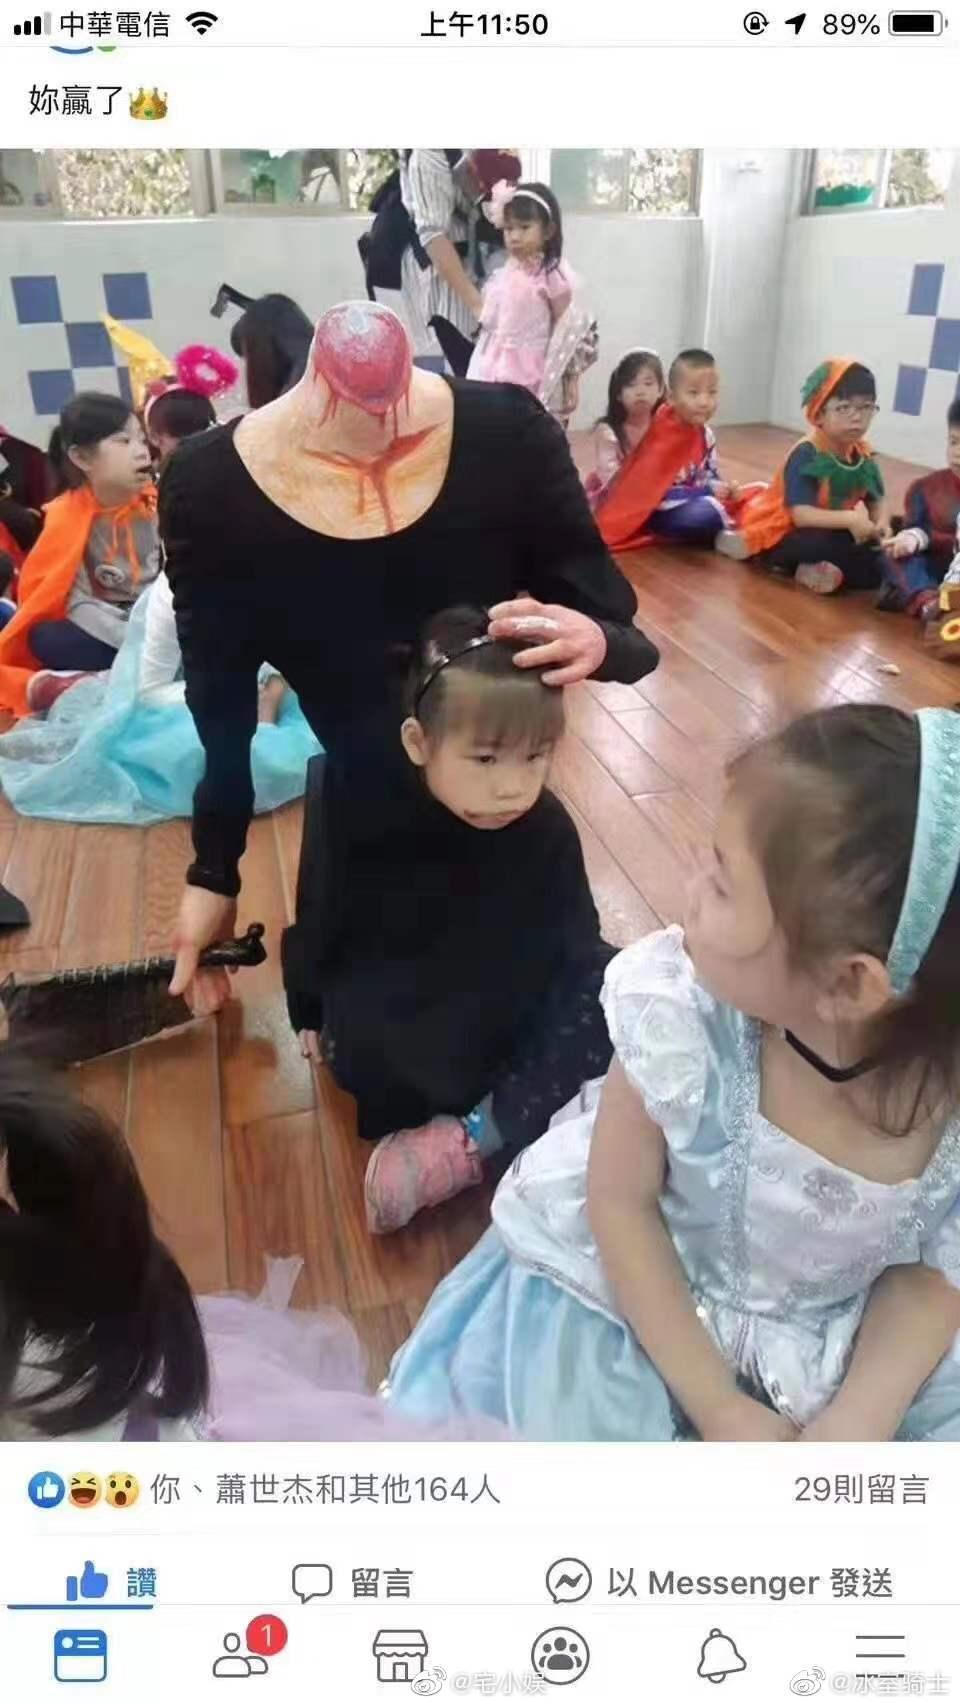 福利汇总023期:大师在流浪,小丑在殿堂。